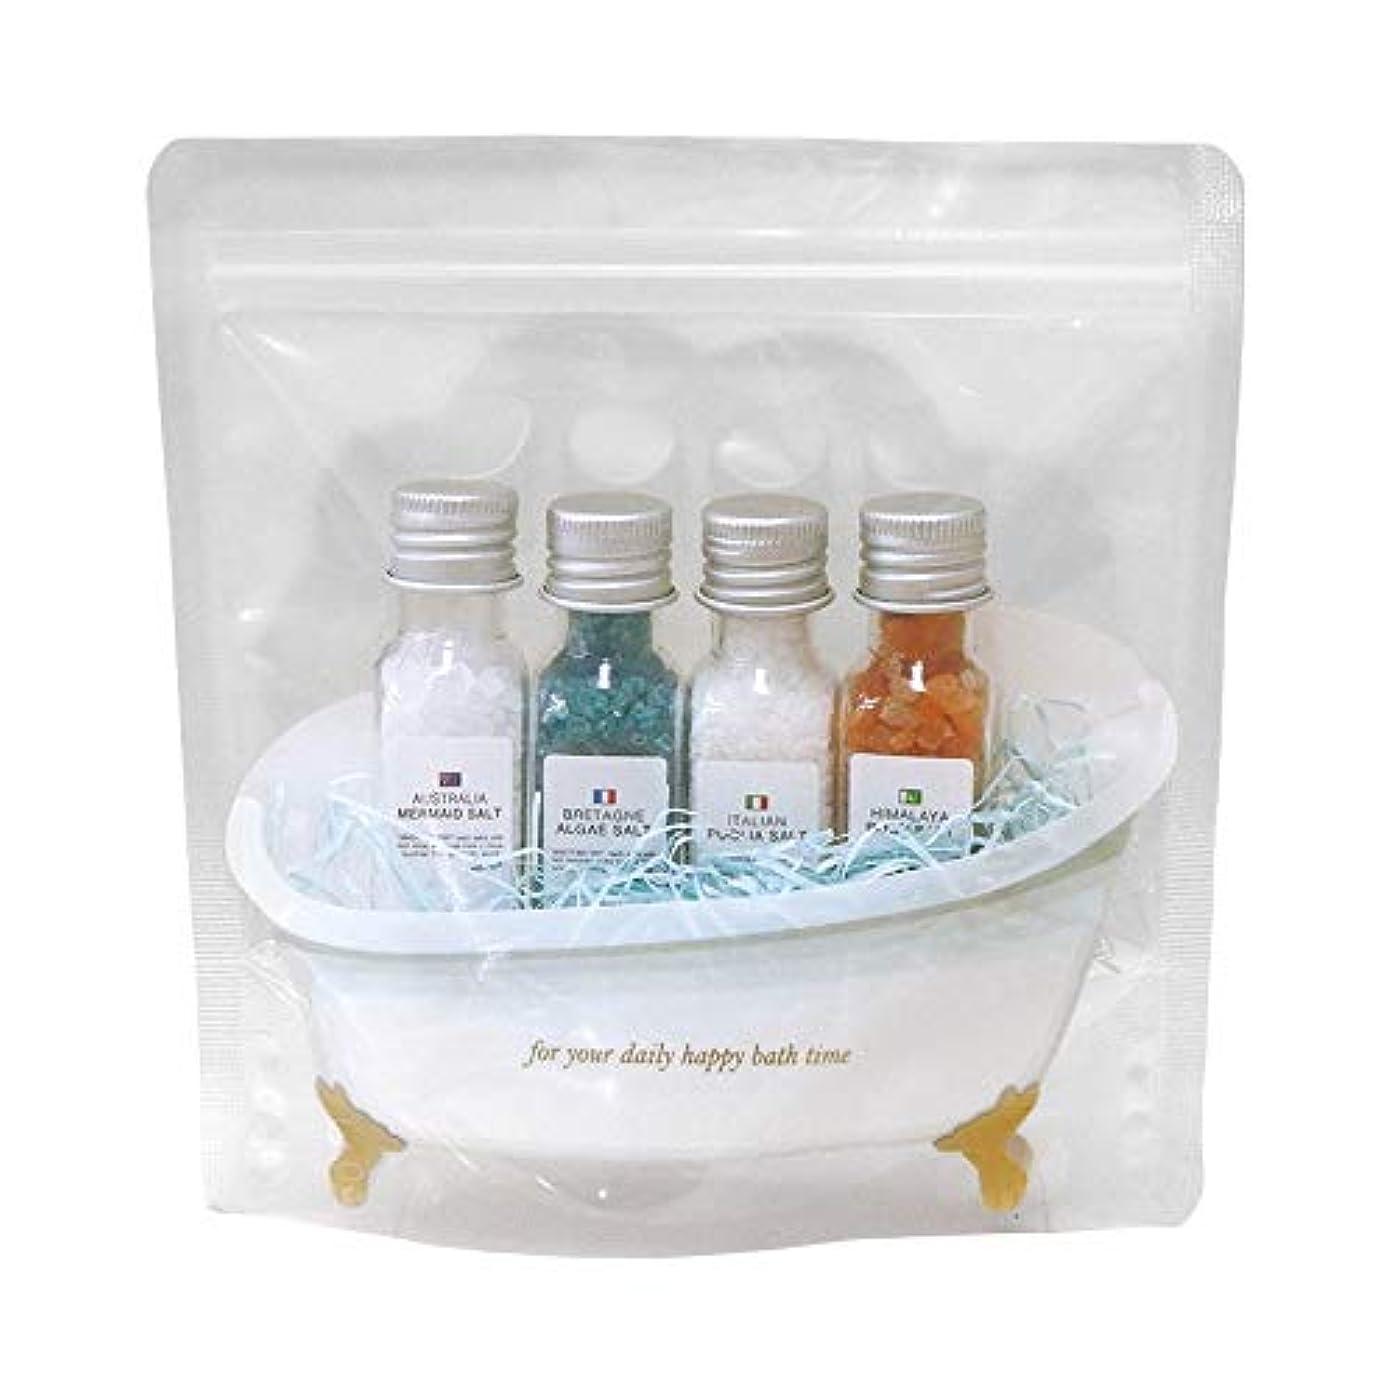 スカルクシネウィ妖精Aroma de Bath Time(アロマ?デ?バスタイム) バスソルト (1セット)